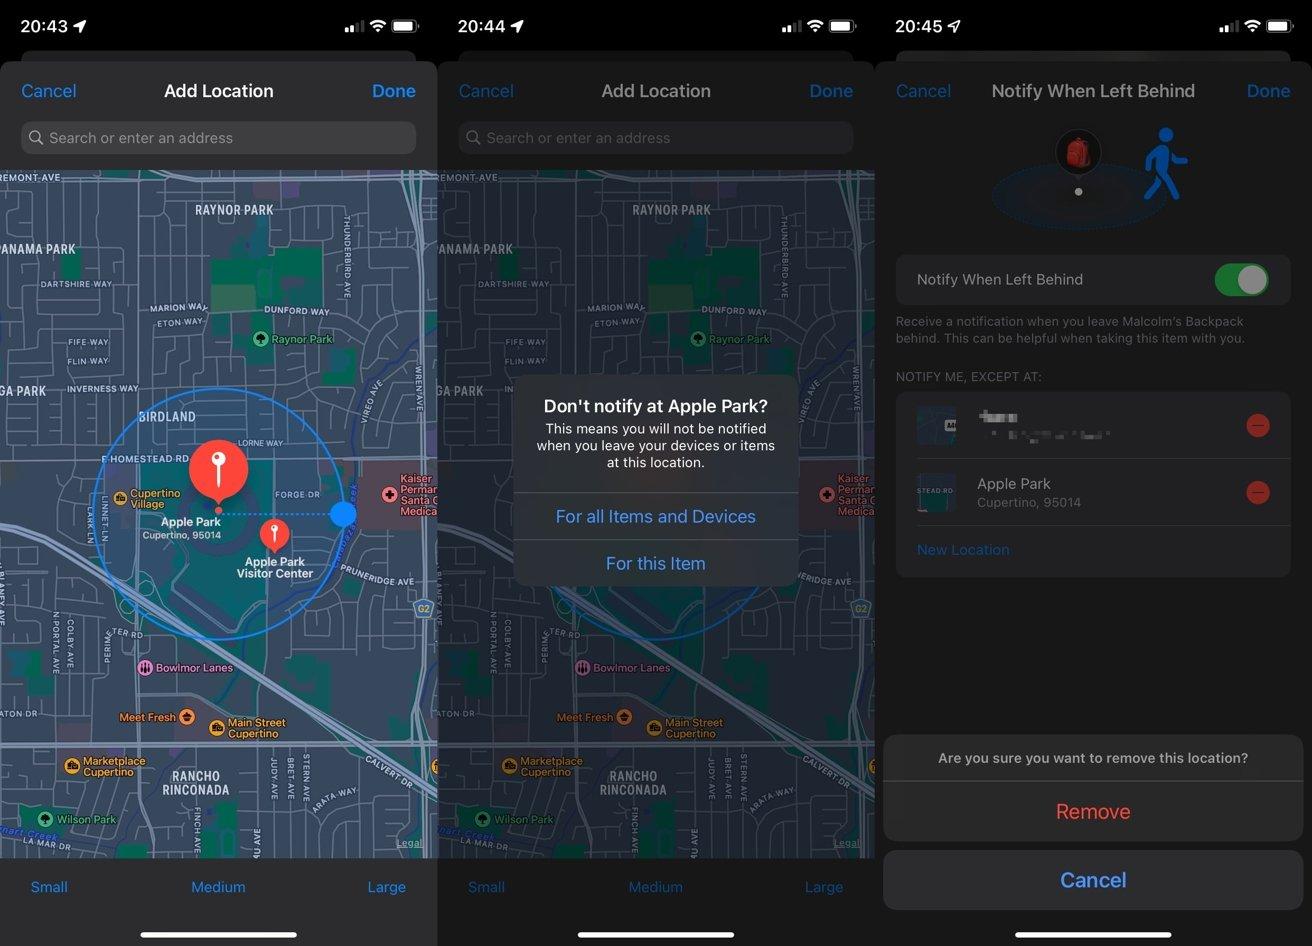 Puede agregar fácilmente una ubicación segura personalizada para deshabilitar las alertas y también eliminarla de la lista.